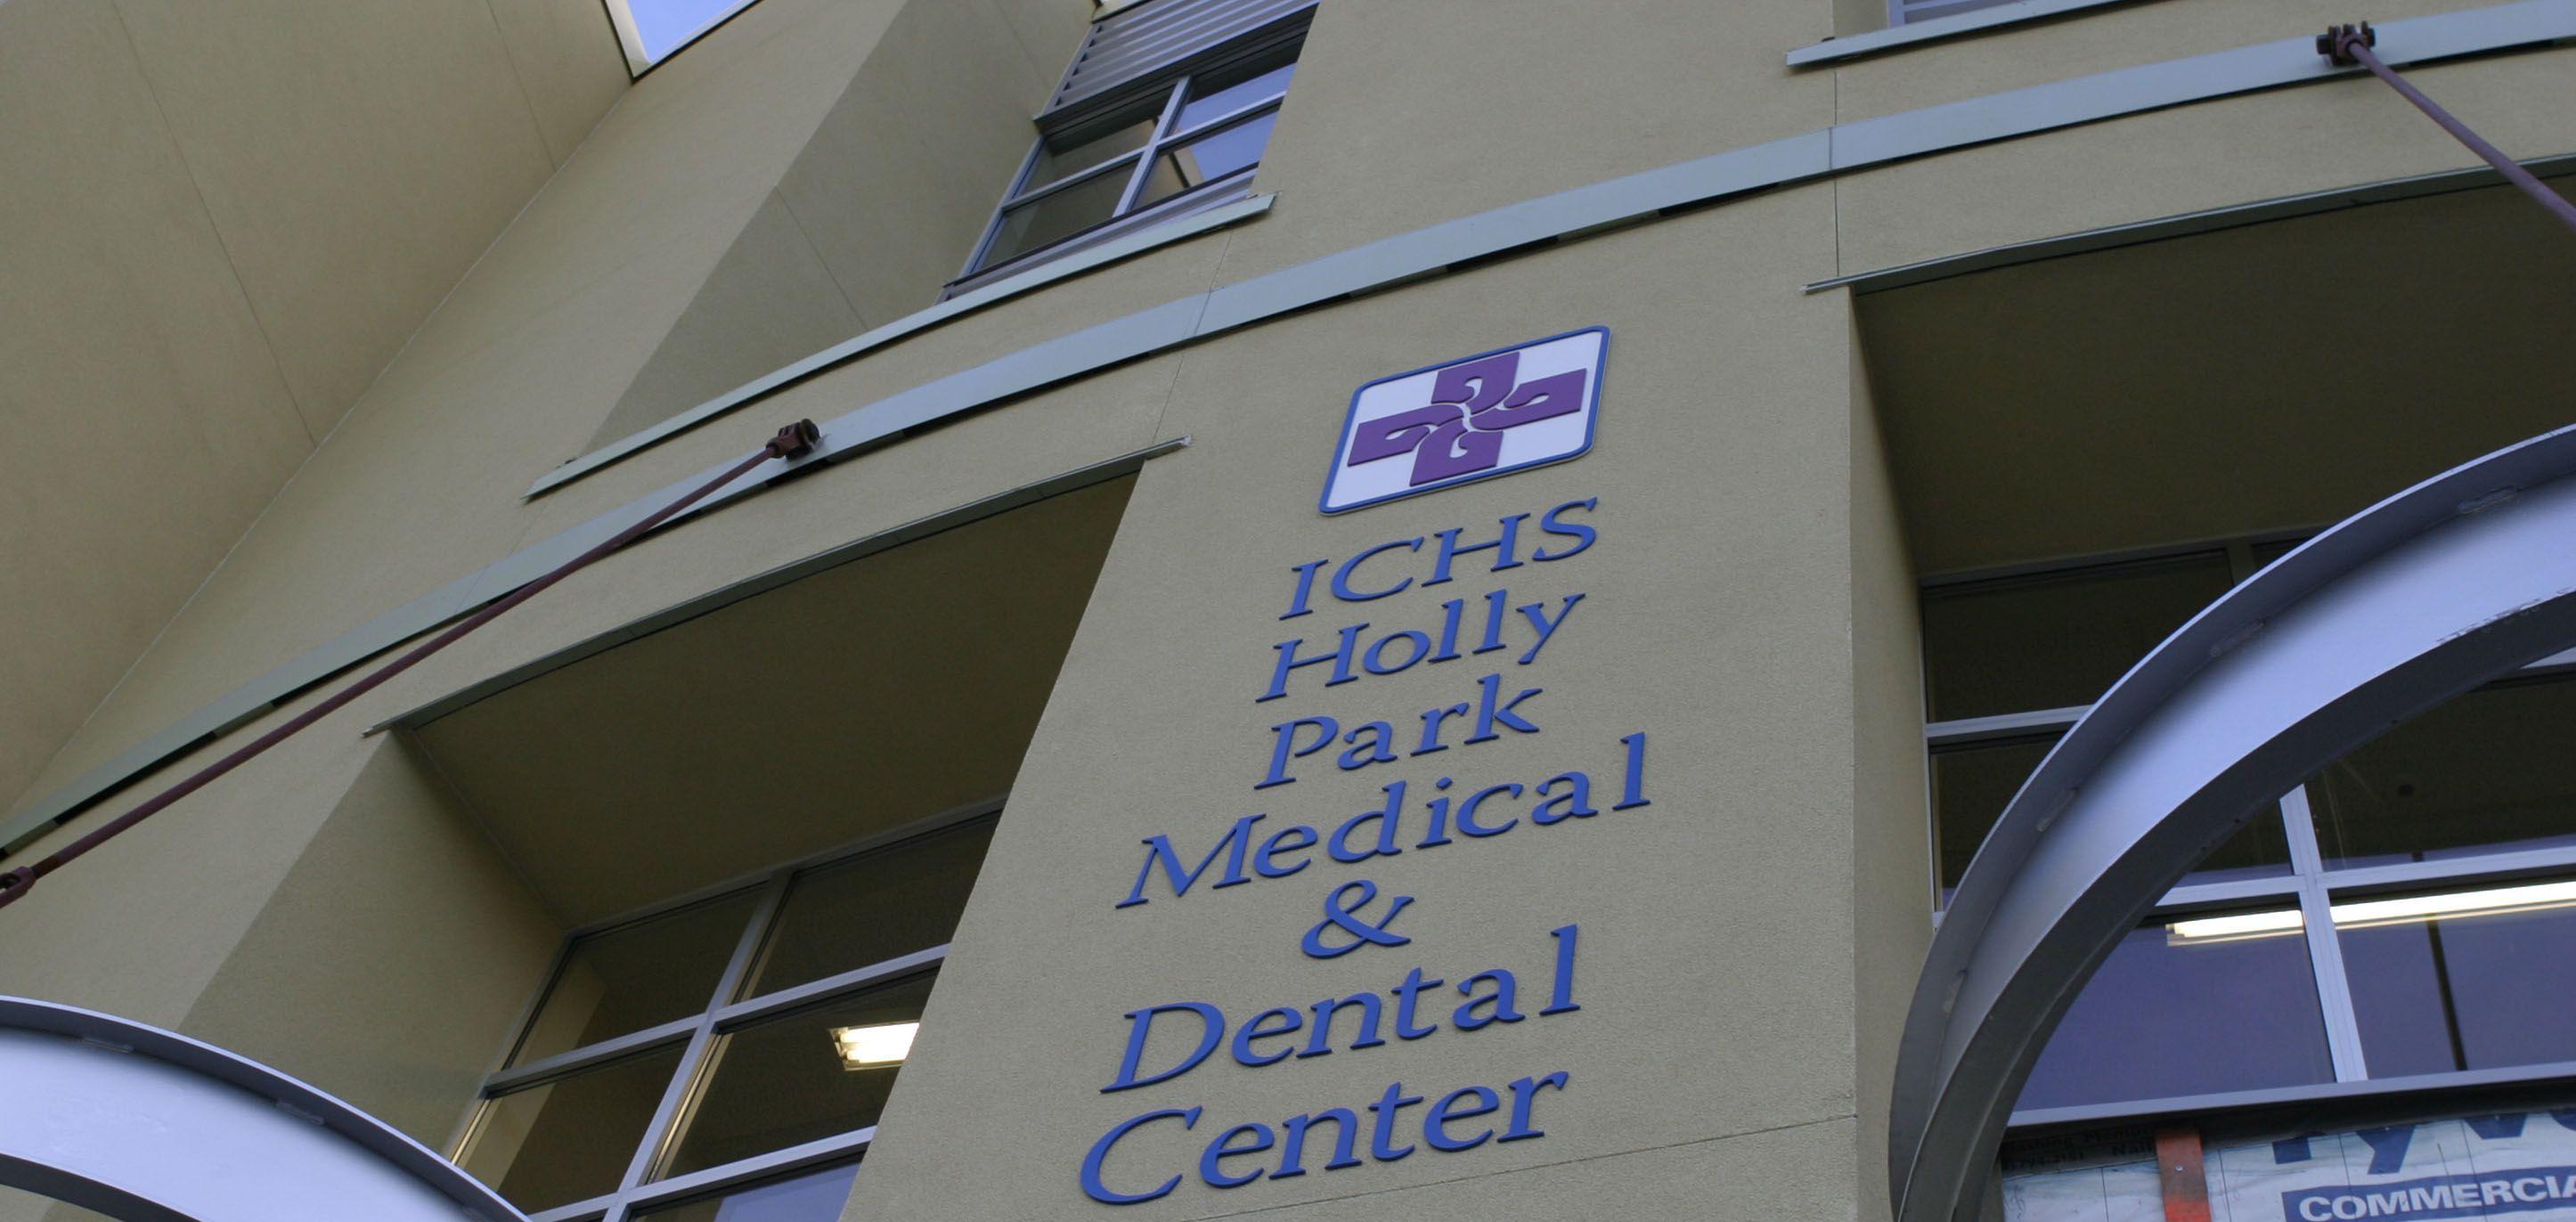 Ichs Holly Park Clinic